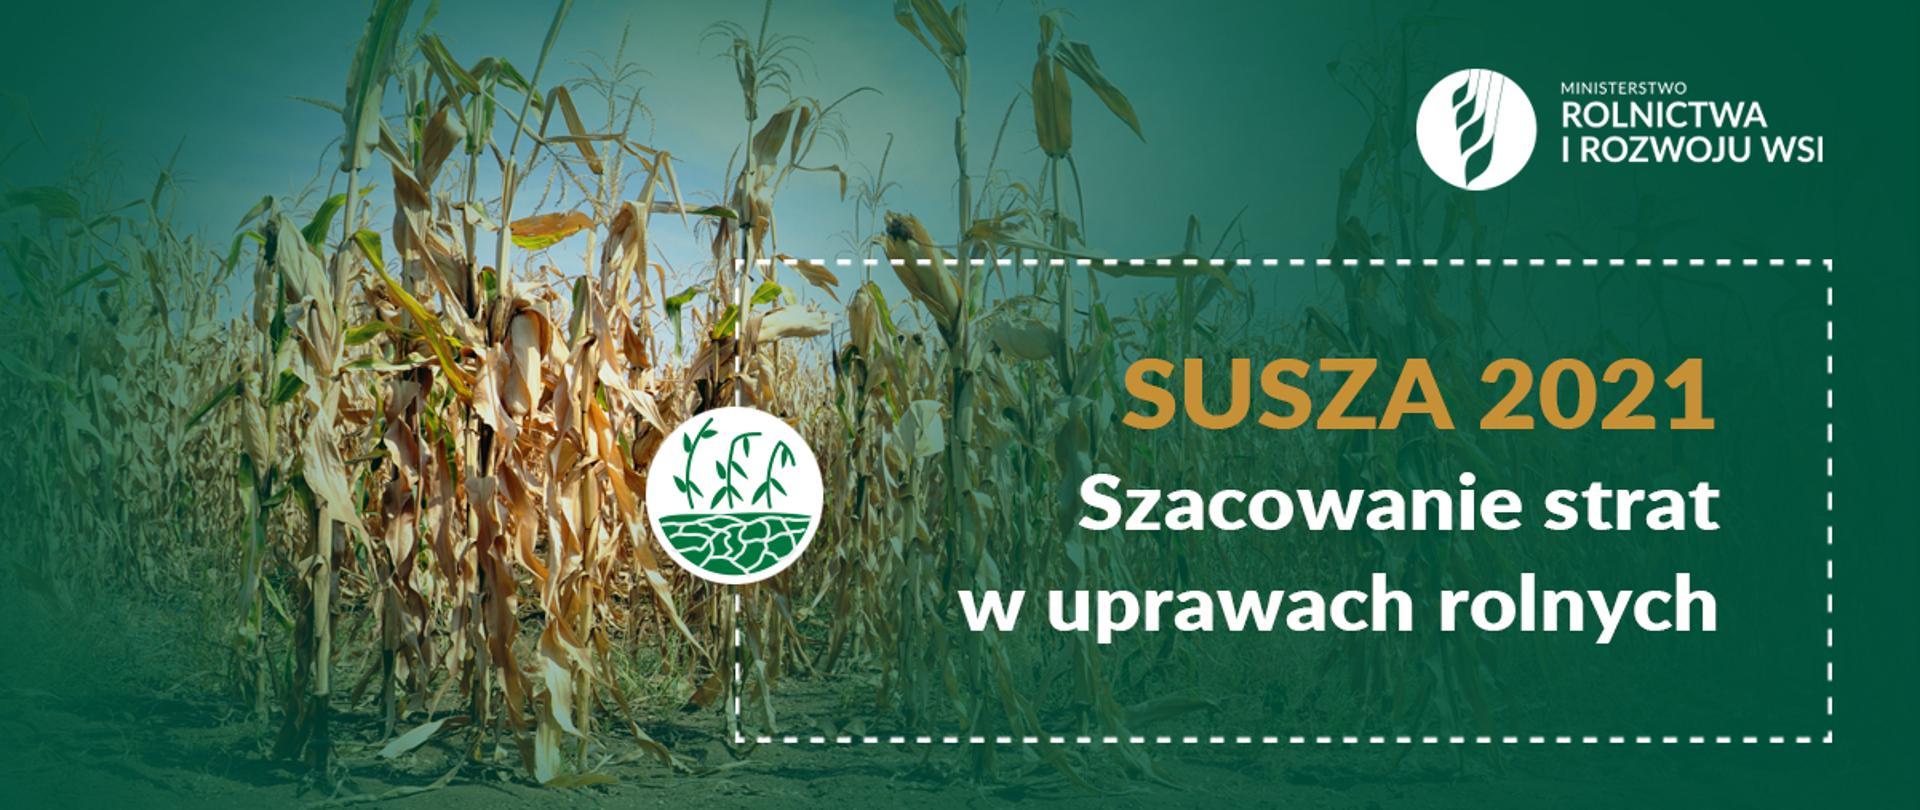 Infografika - Szacowanie strat w uprawach rolnych spowodowanych wystąpieniem suszy w 2021 r.